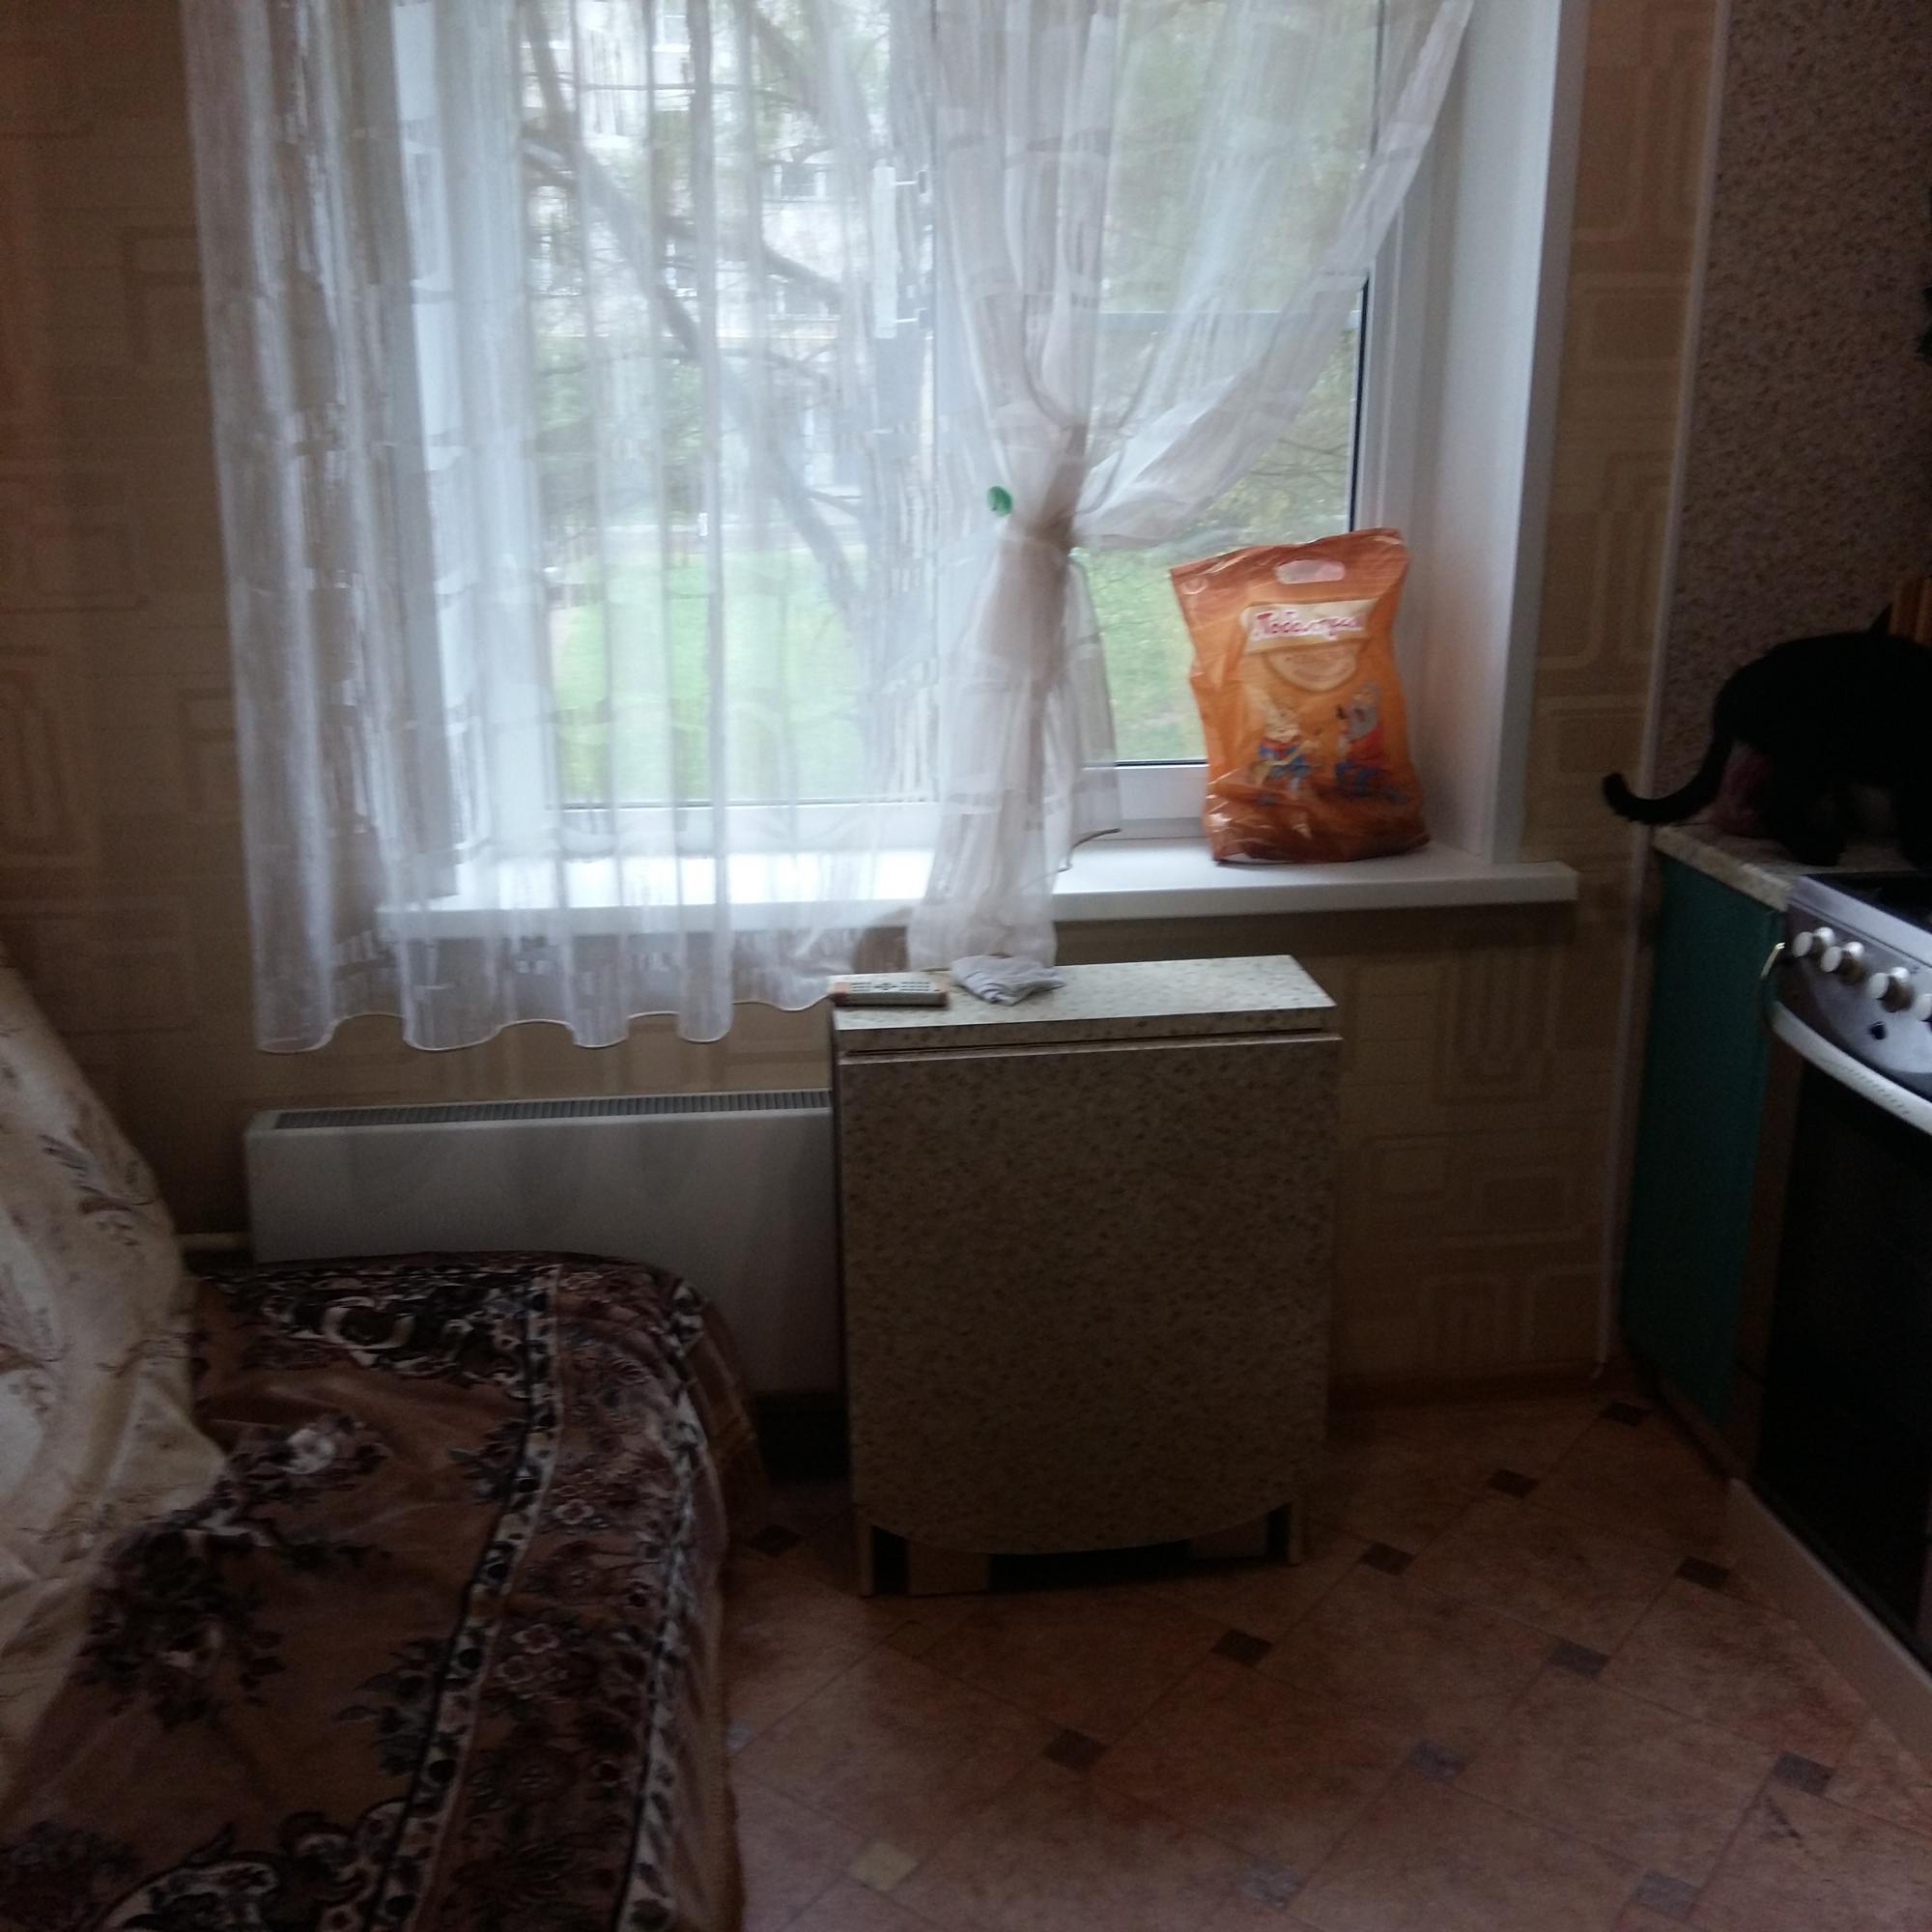 обмен квартиры на квартиру климовске работы: завод